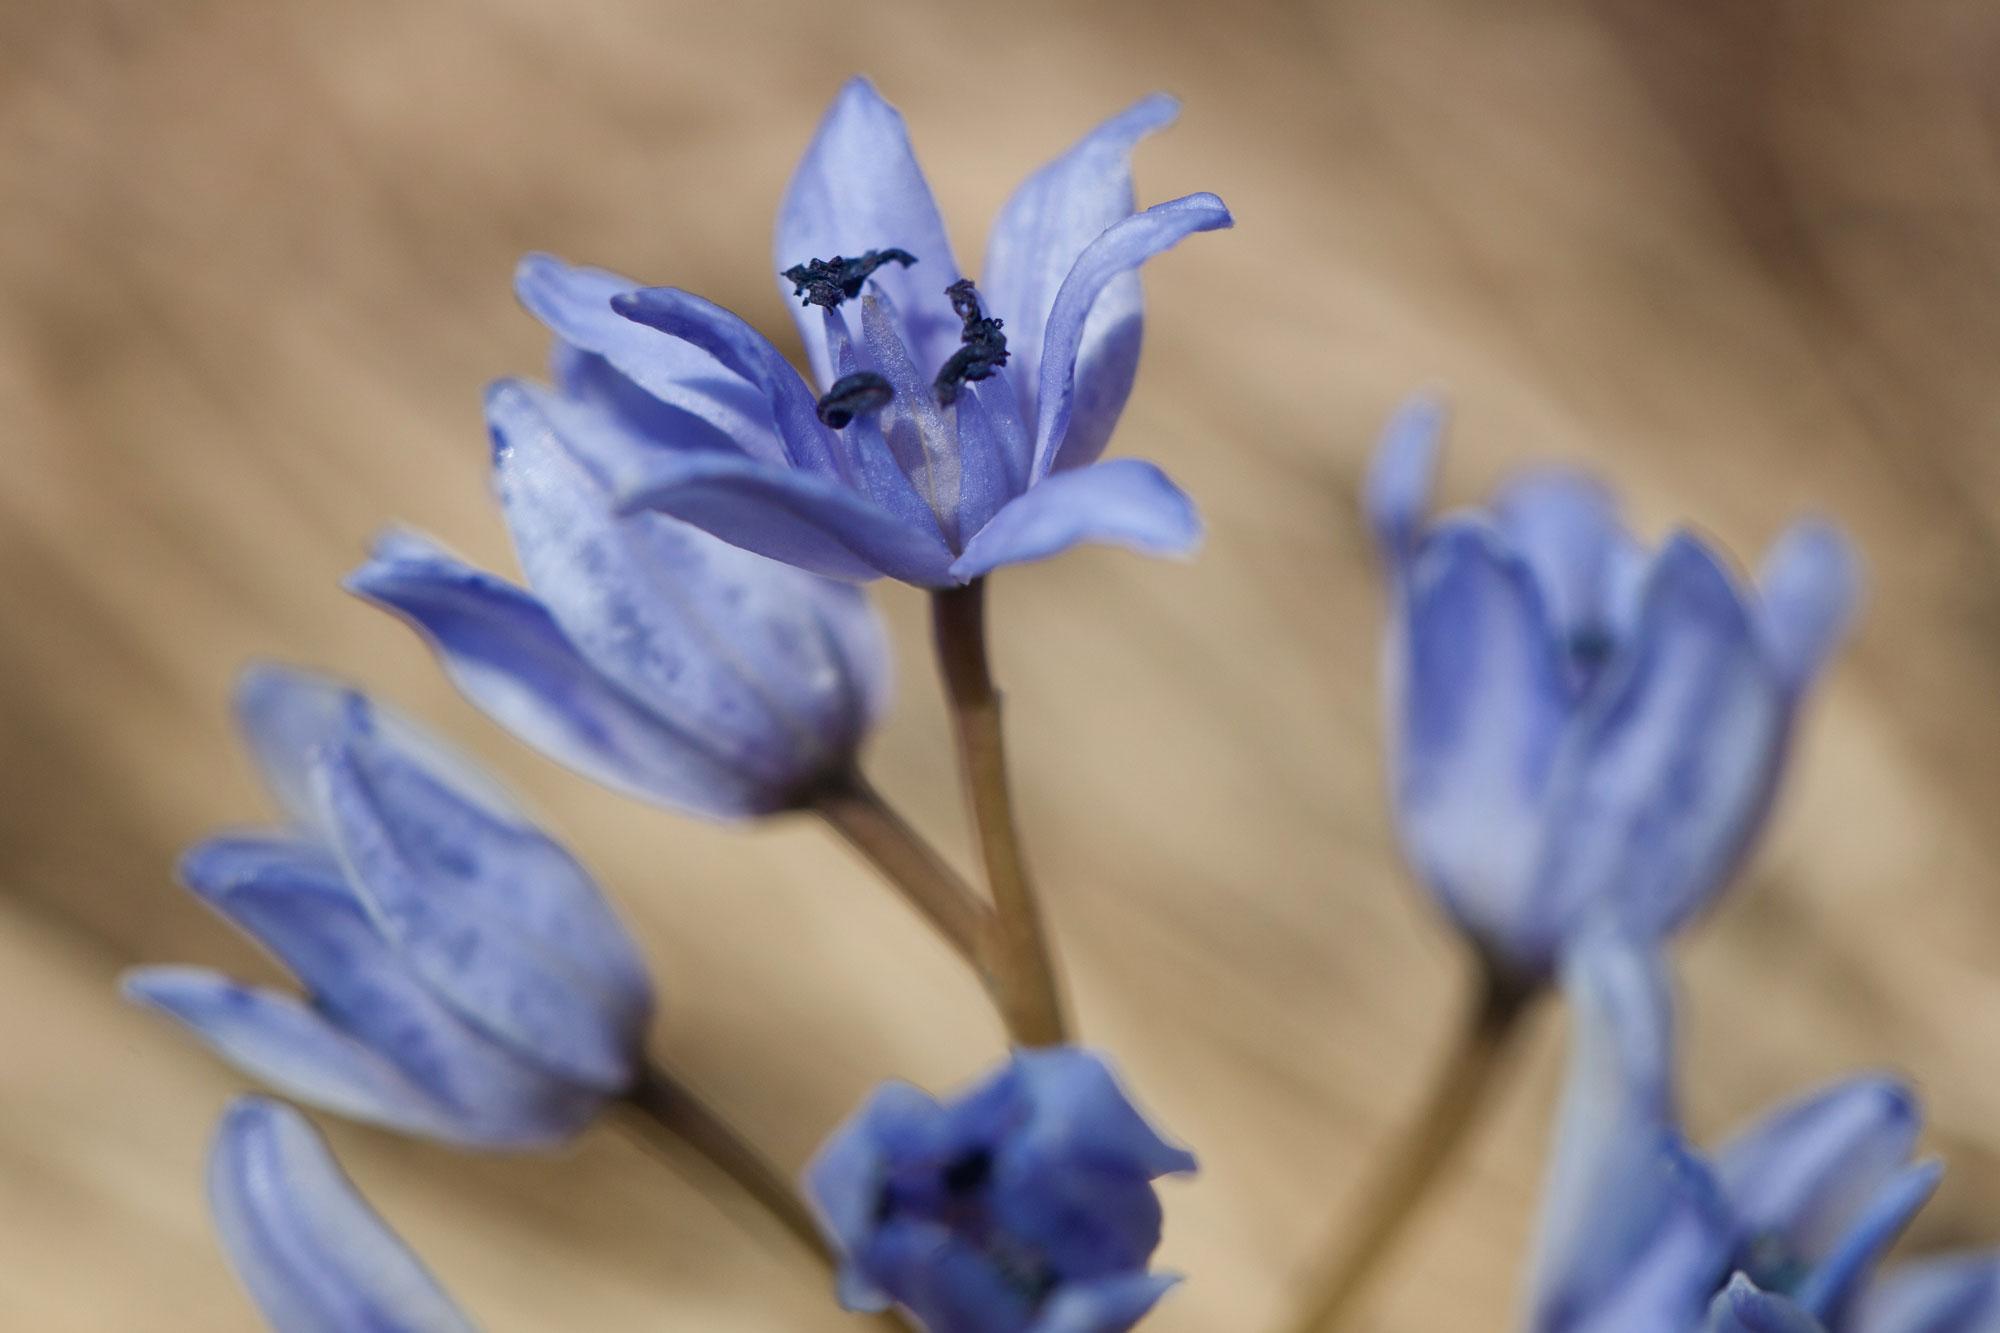 Flori - viorele in padurea cu vipera lui Nikolsky